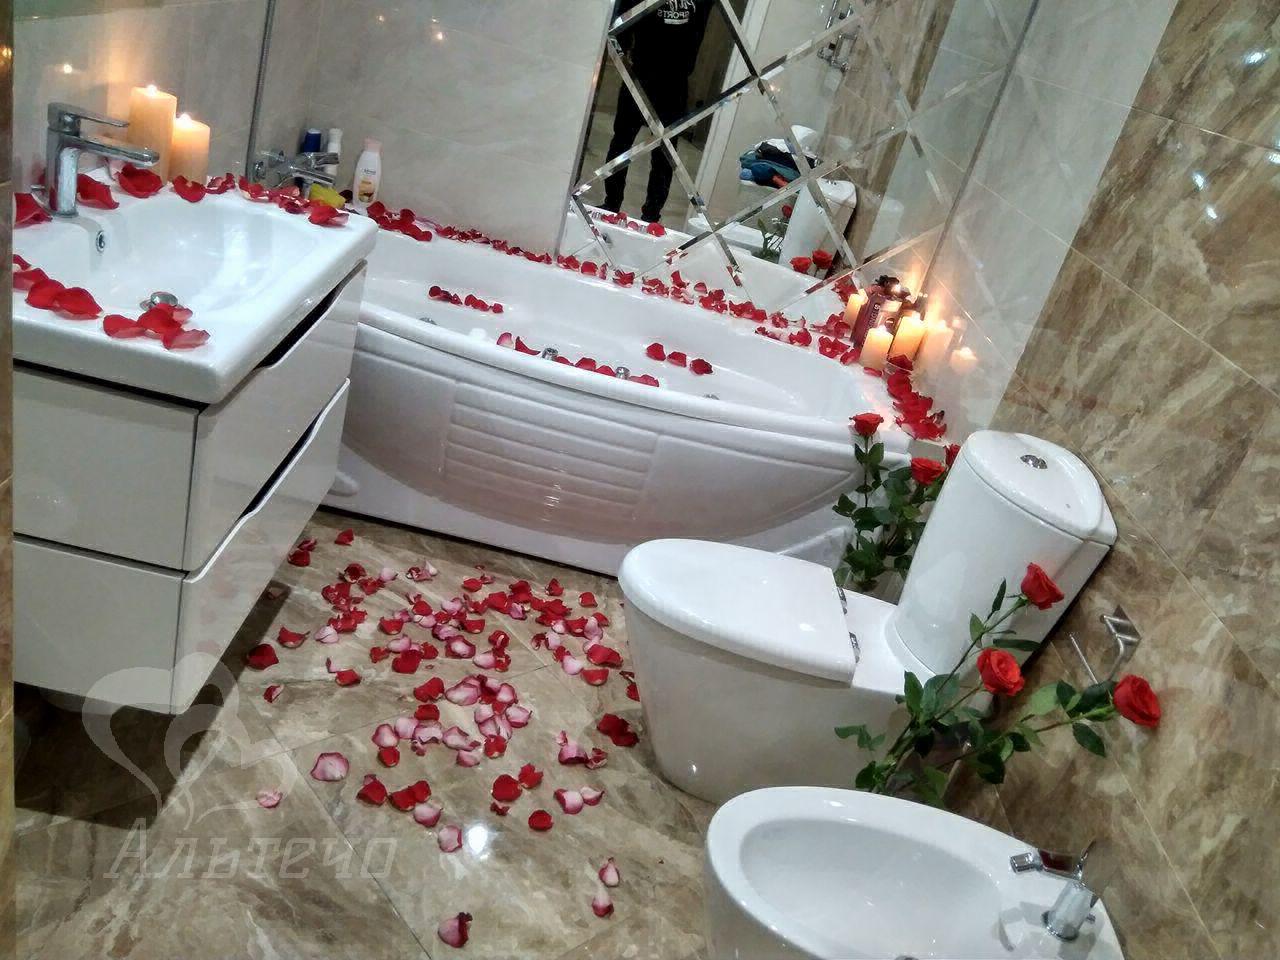 Романтический ужин в ванной, Киев, Альтечо (6)